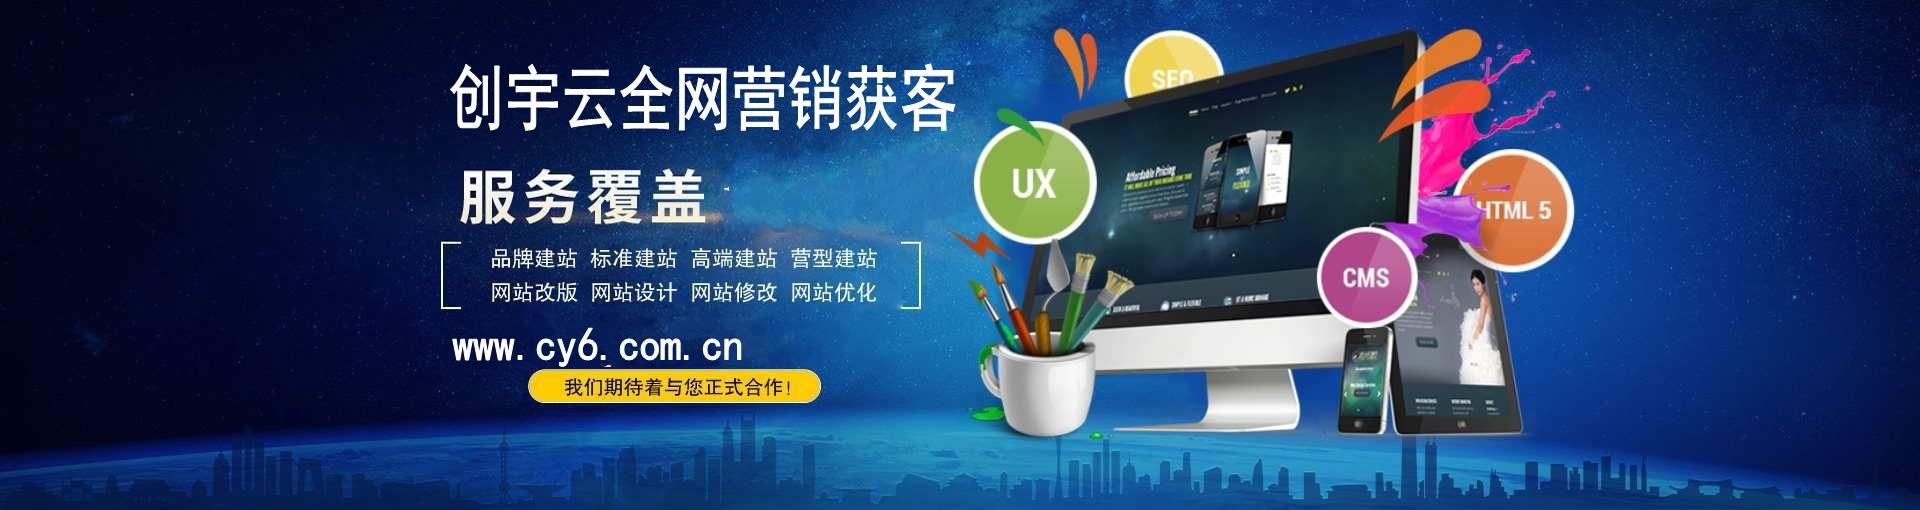 甘泉网站app_ 建造